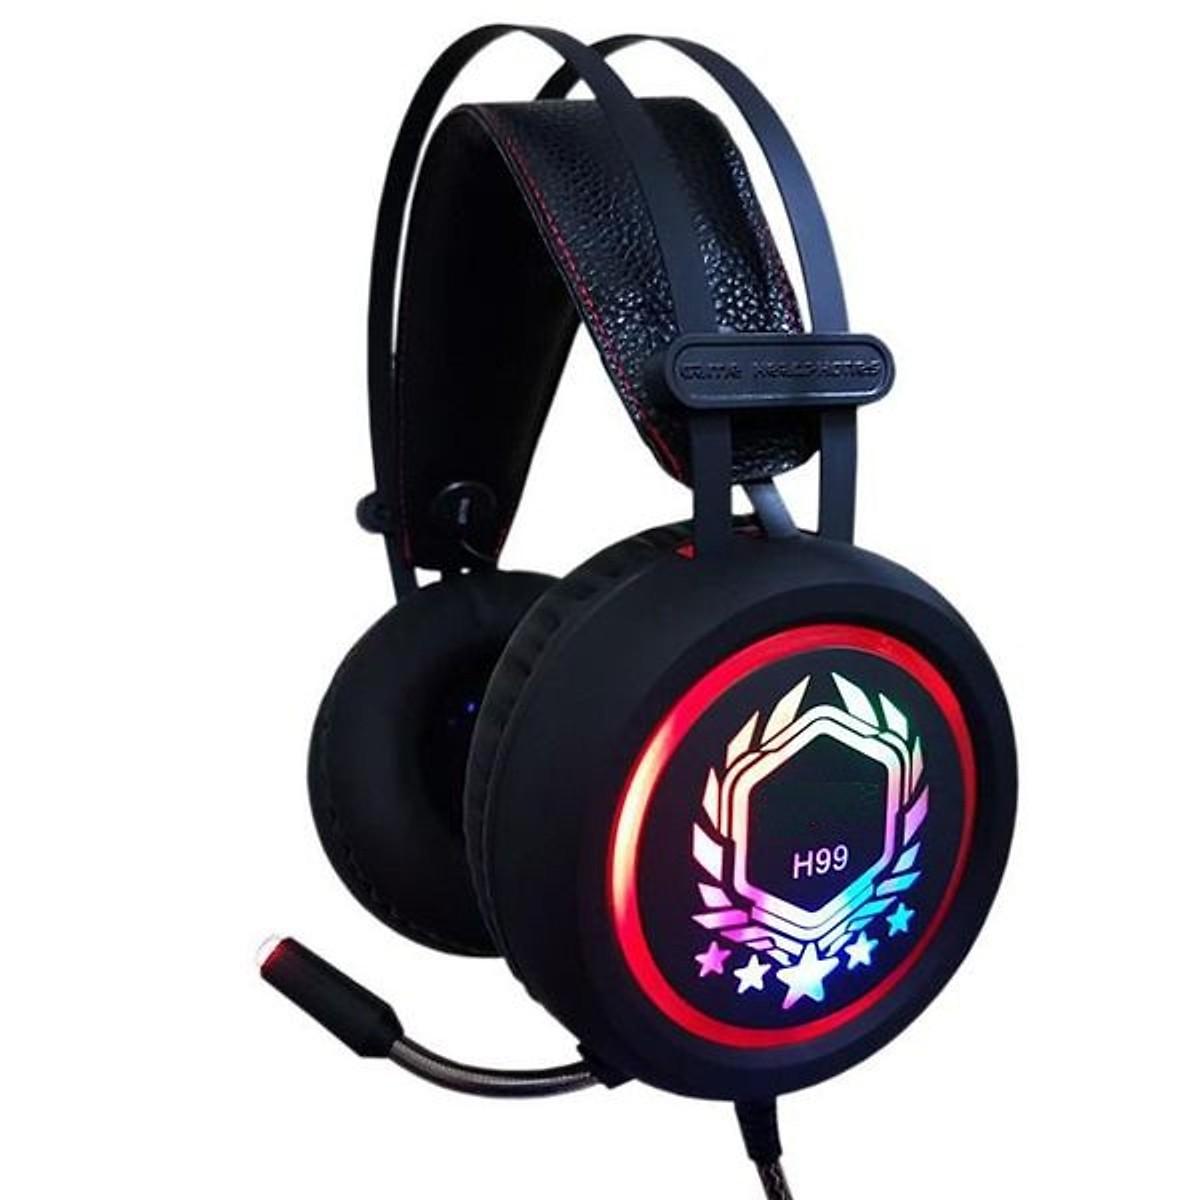 Tai nghe chụp tai Game thủ H99 Jack cắm 7.1